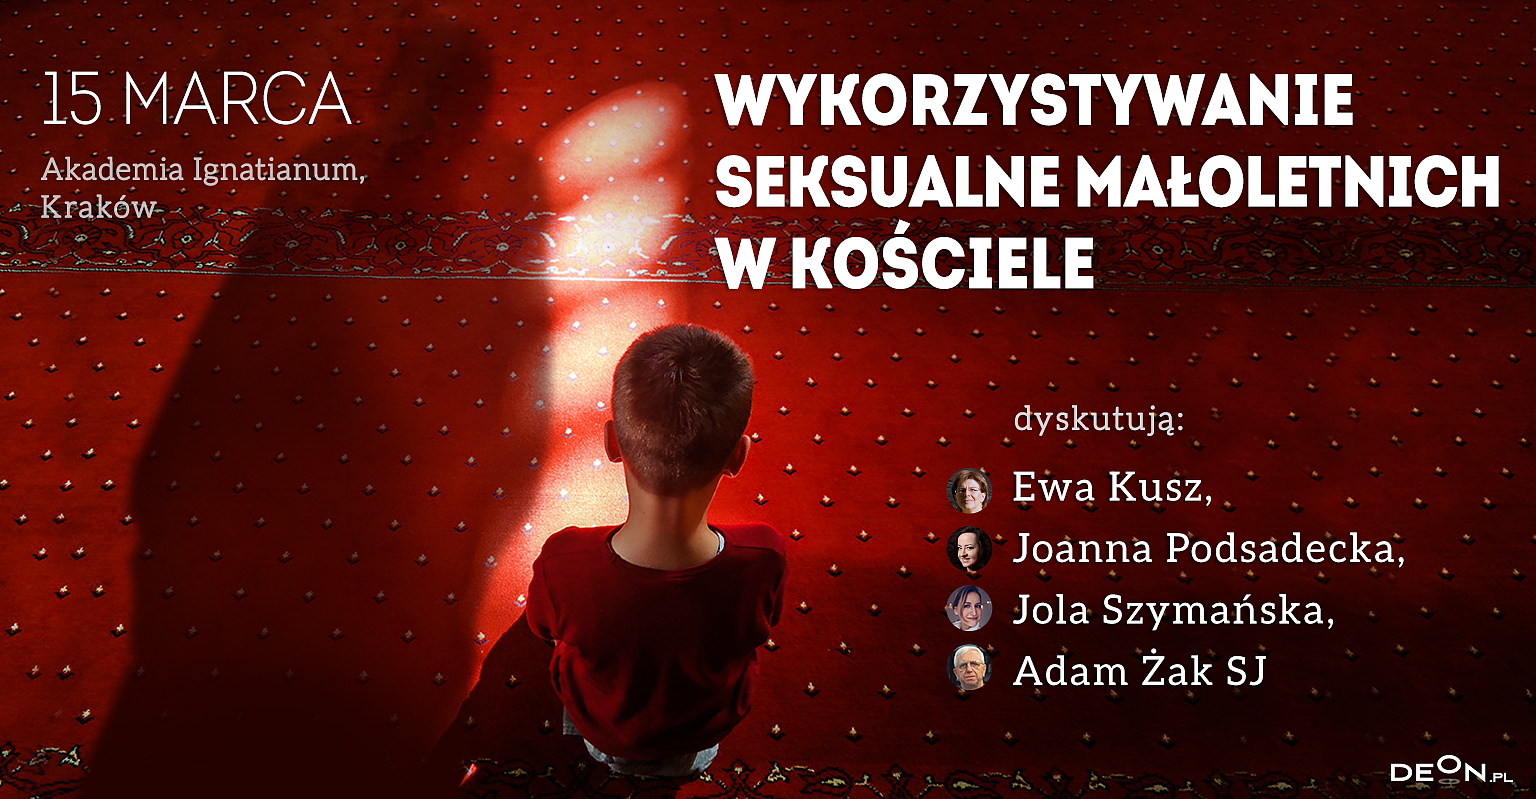 Pełne oszacowanie zjawiska pedofilii w Kościele w Polsce nigdy nie będzie możliwe - zdjęcie w treści artykułu